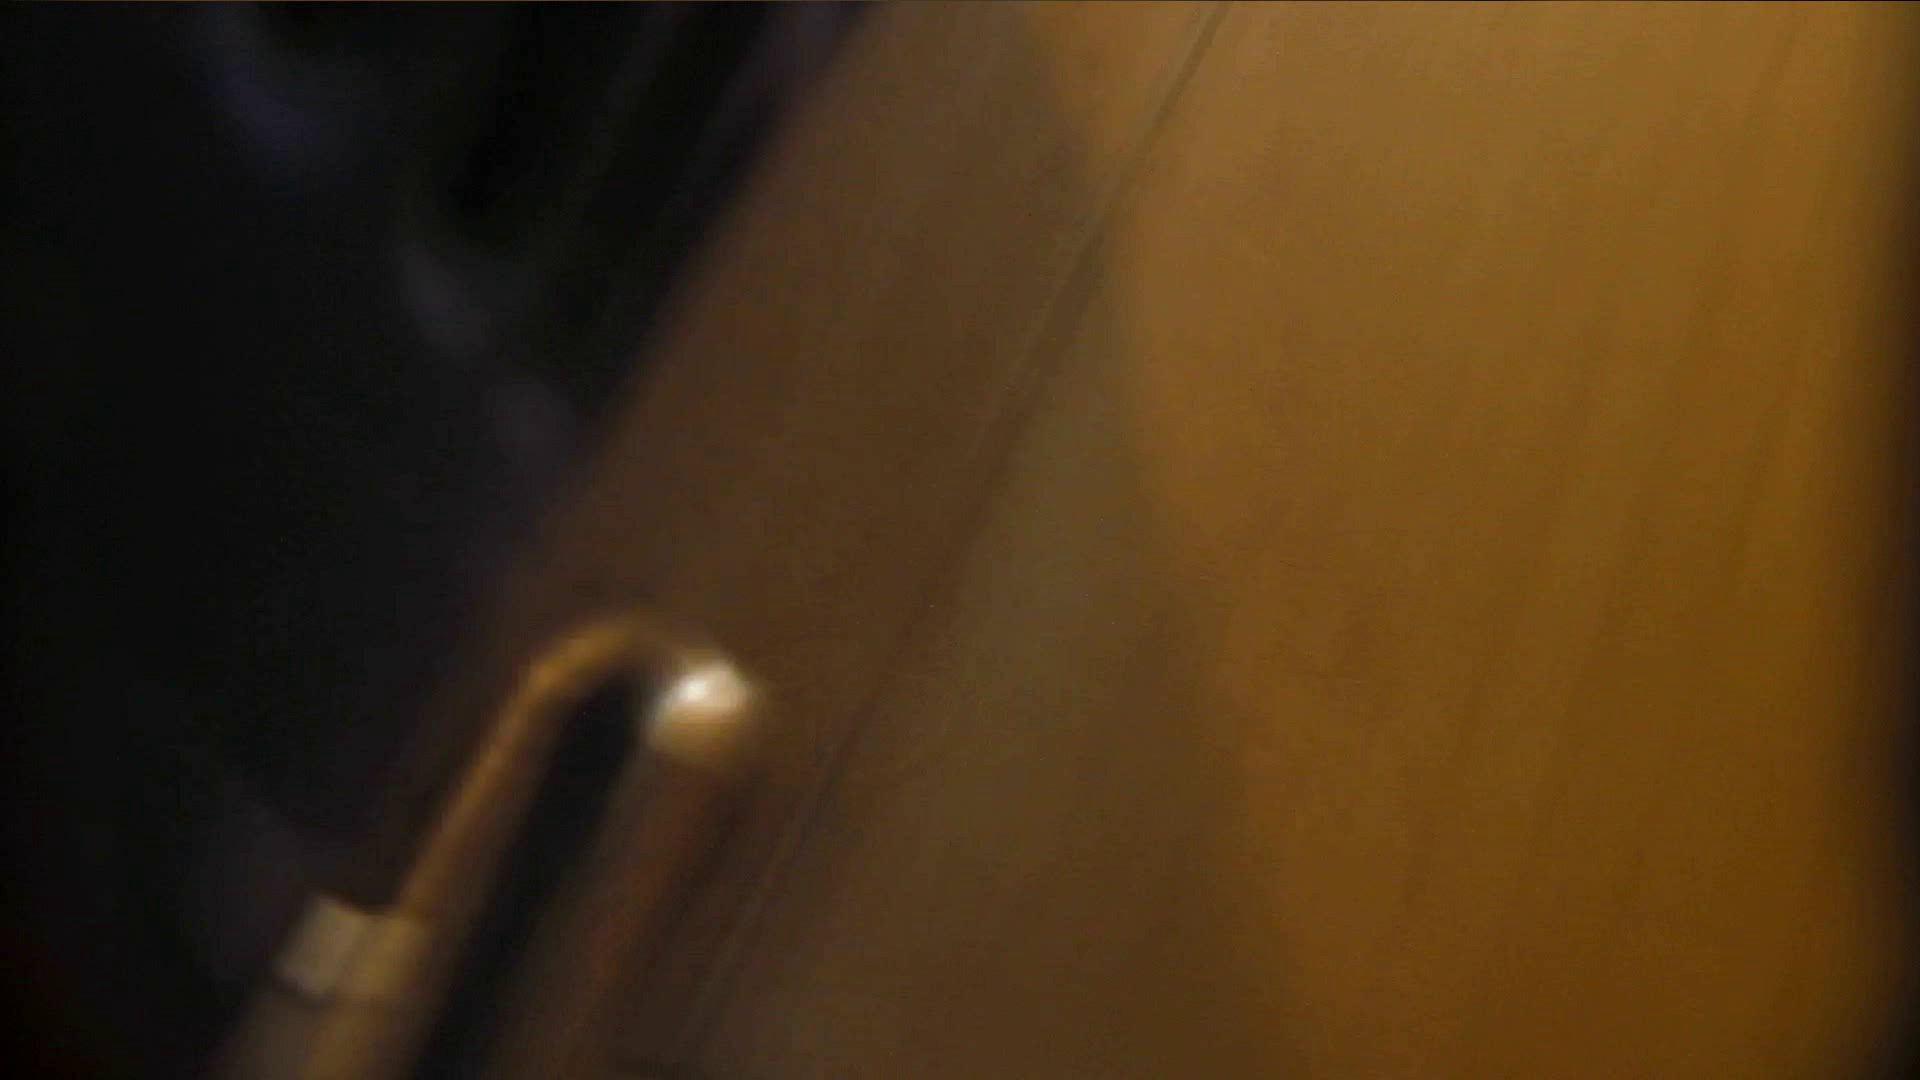 阿国ちゃんの「和式洋式七変化」No.5 洗面所着替え | 和式  40連発 35